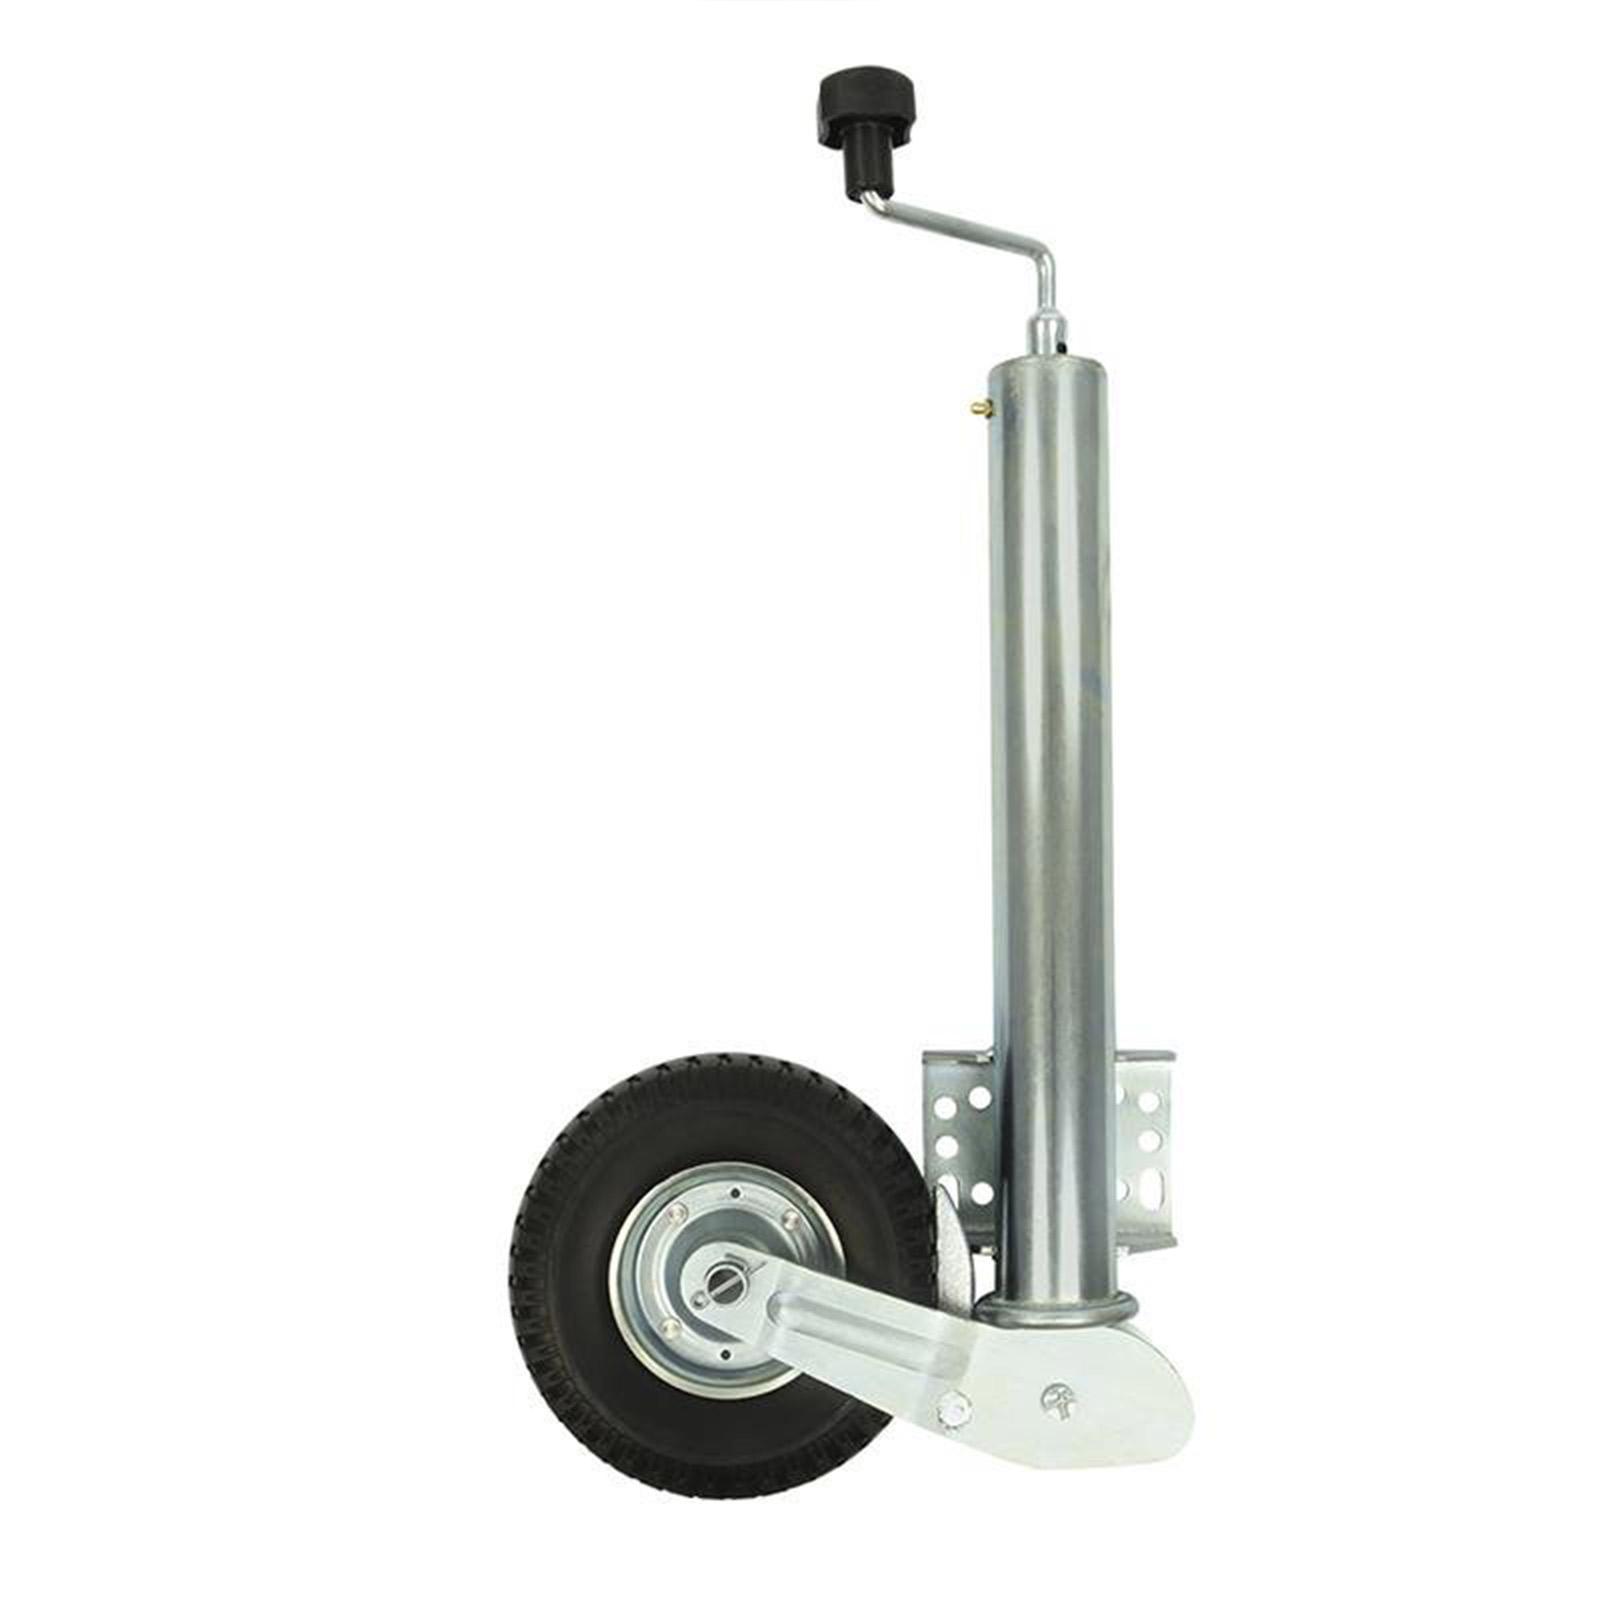 Stützrad Automatik | 400KG | 60mm | Pu-Reifen | mit Anschraubplatte | Bugrad